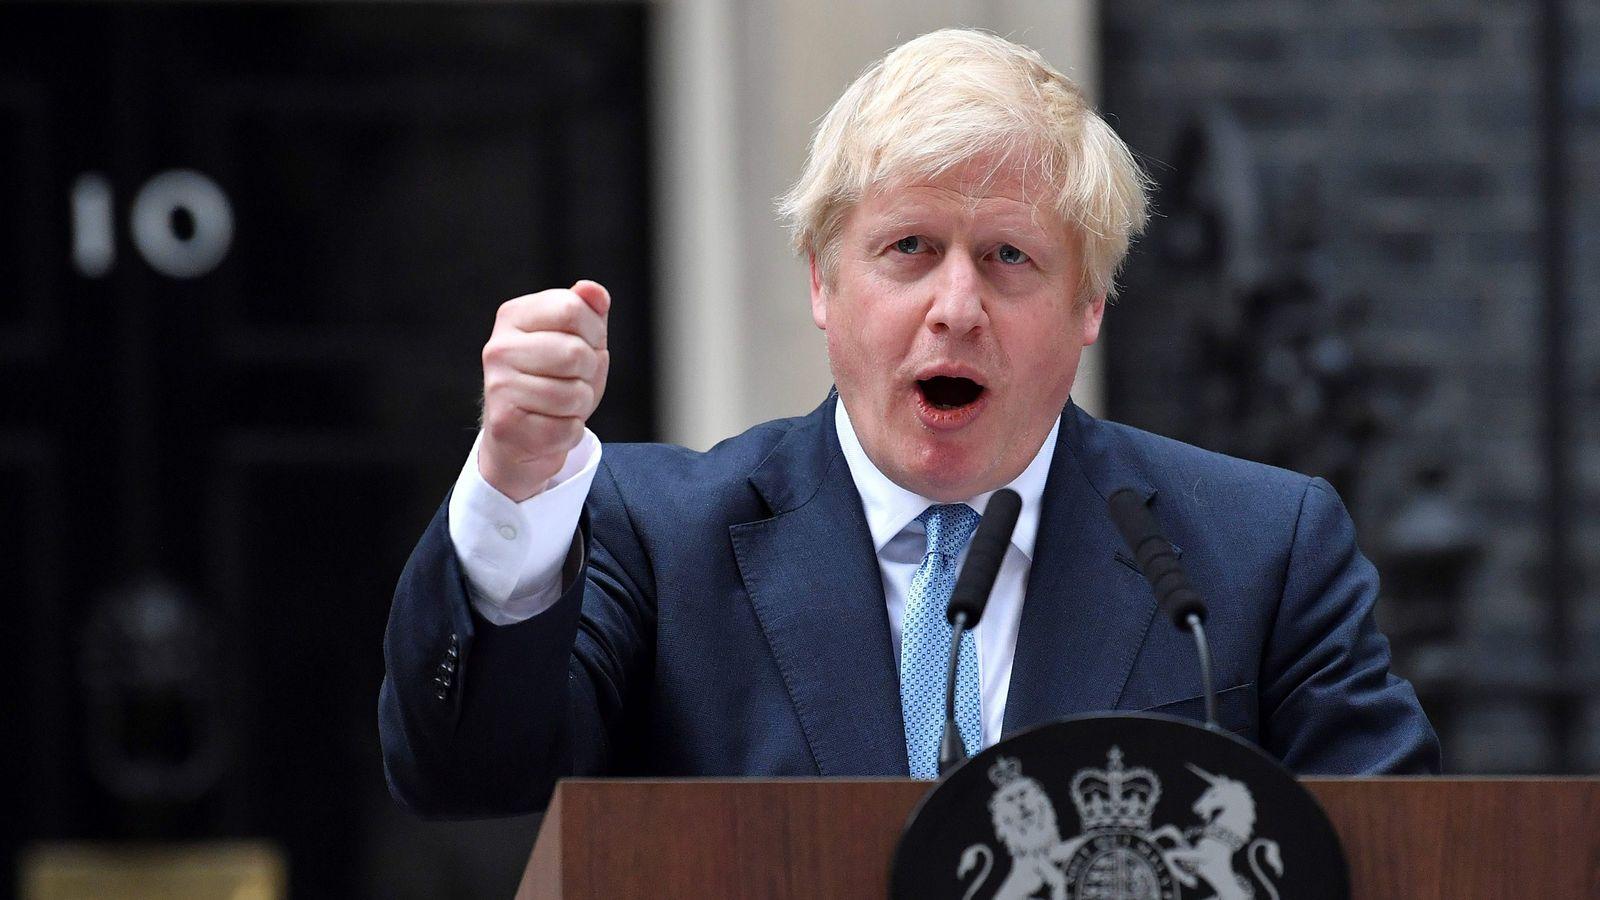 なぜ英国は「決められない政治」を続けているか 与党も野党も「ねじれ」でまとまらず